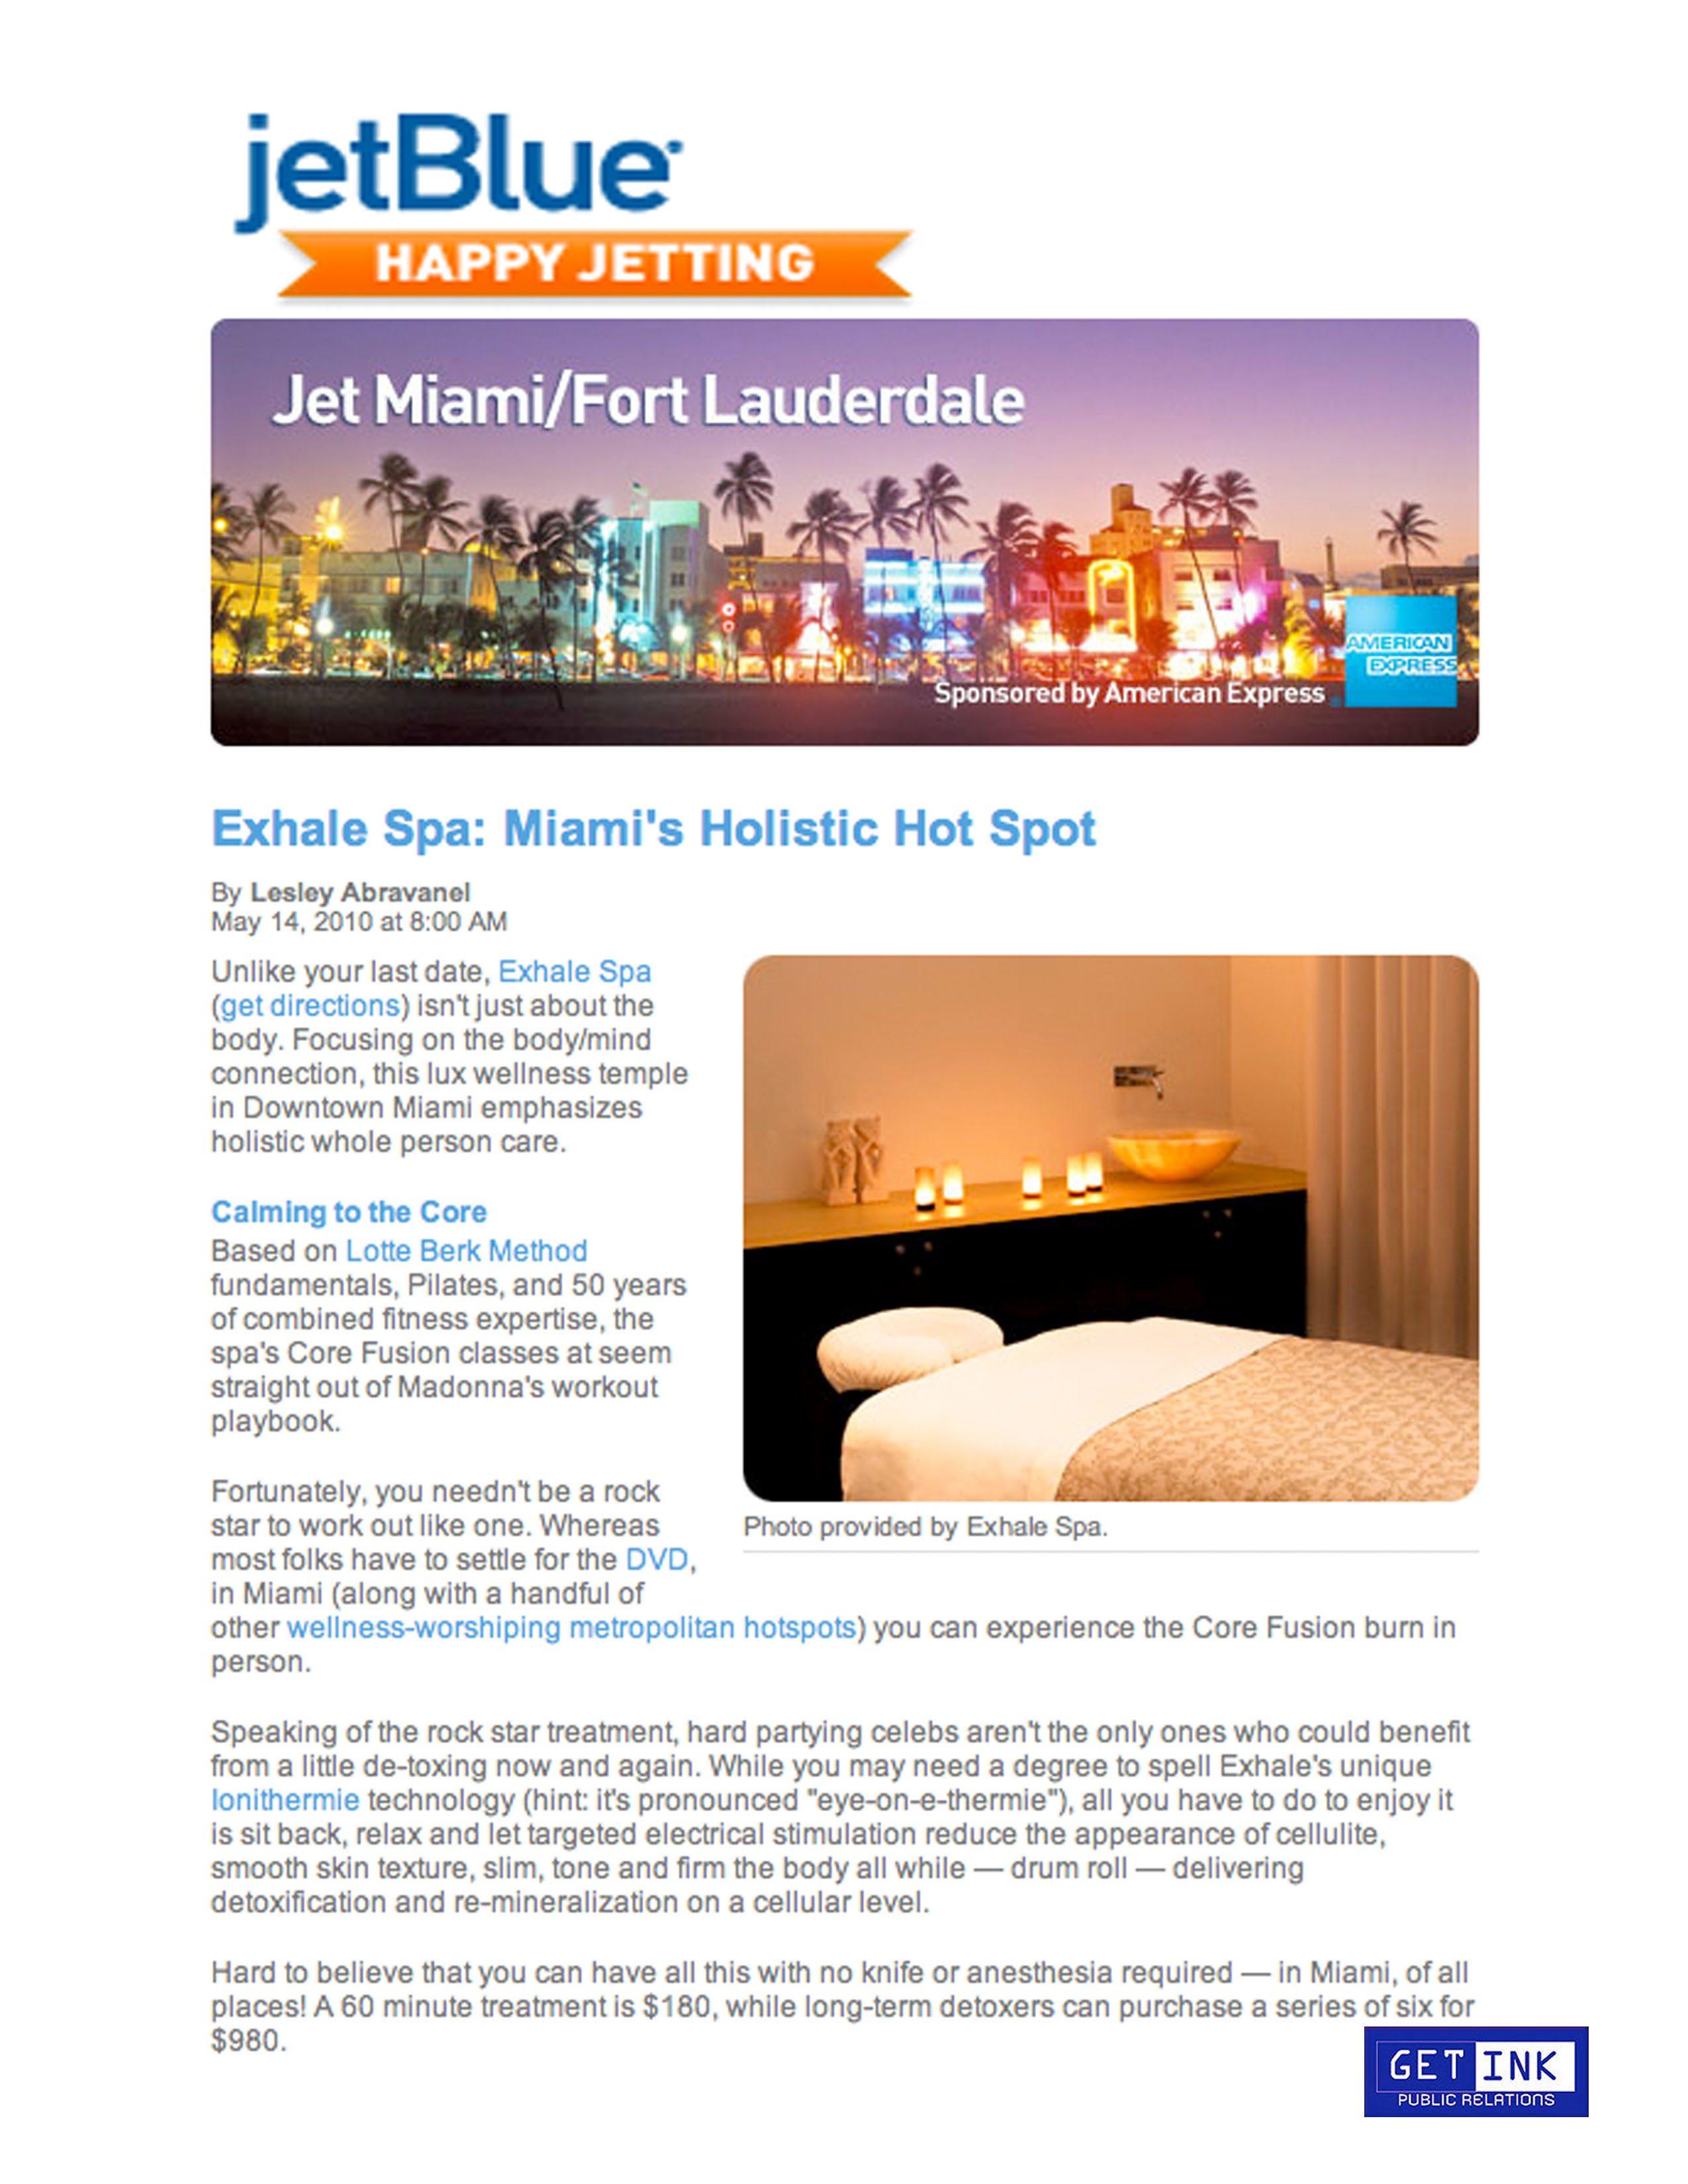 JetBlue.com 5.14.10